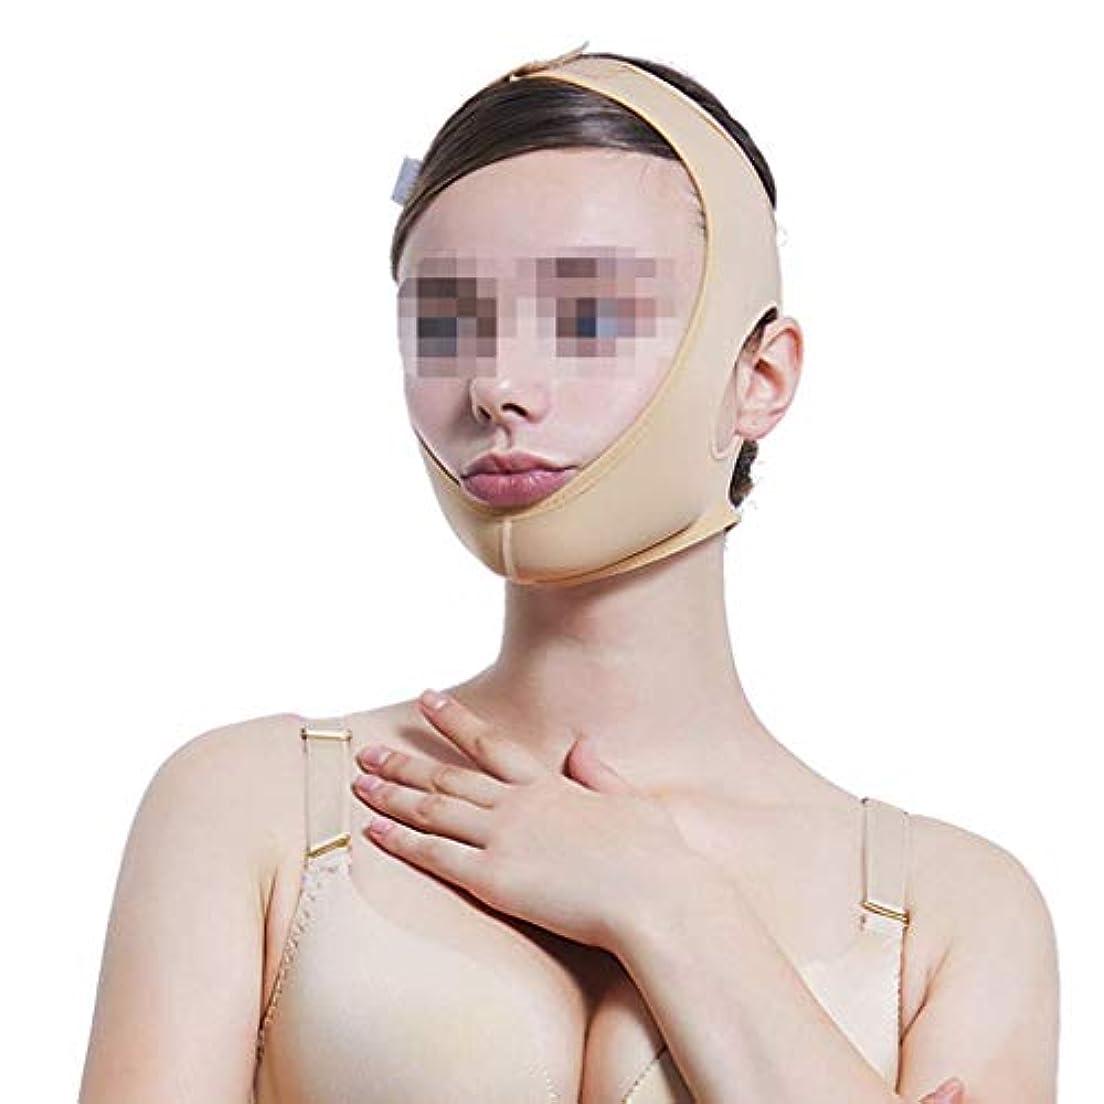 深める溶けるレスリングビームフェイス弾性ヘッドギア、ダブルあごのあごのセットをマスクの後に線彫り薄いフェイス包帯マルチサイズオプション(サイズ:XS),XL